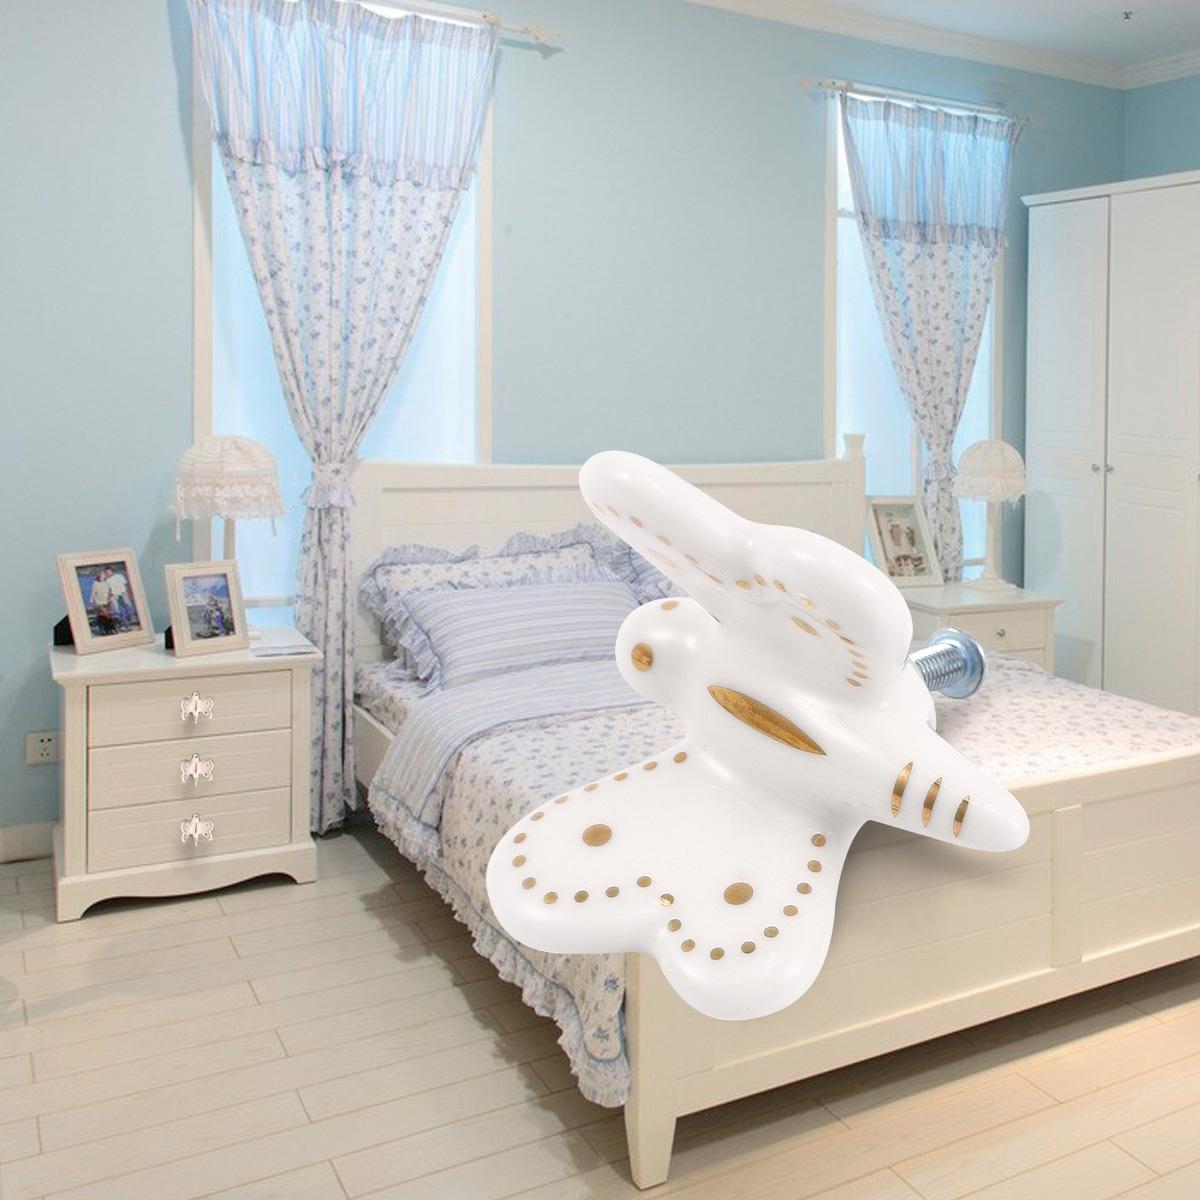 8x poign e bouton c ramique papillon blanc pour meuble armoire placard commode ebay. Black Bedroom Furniture Sets. Home Design Ideas